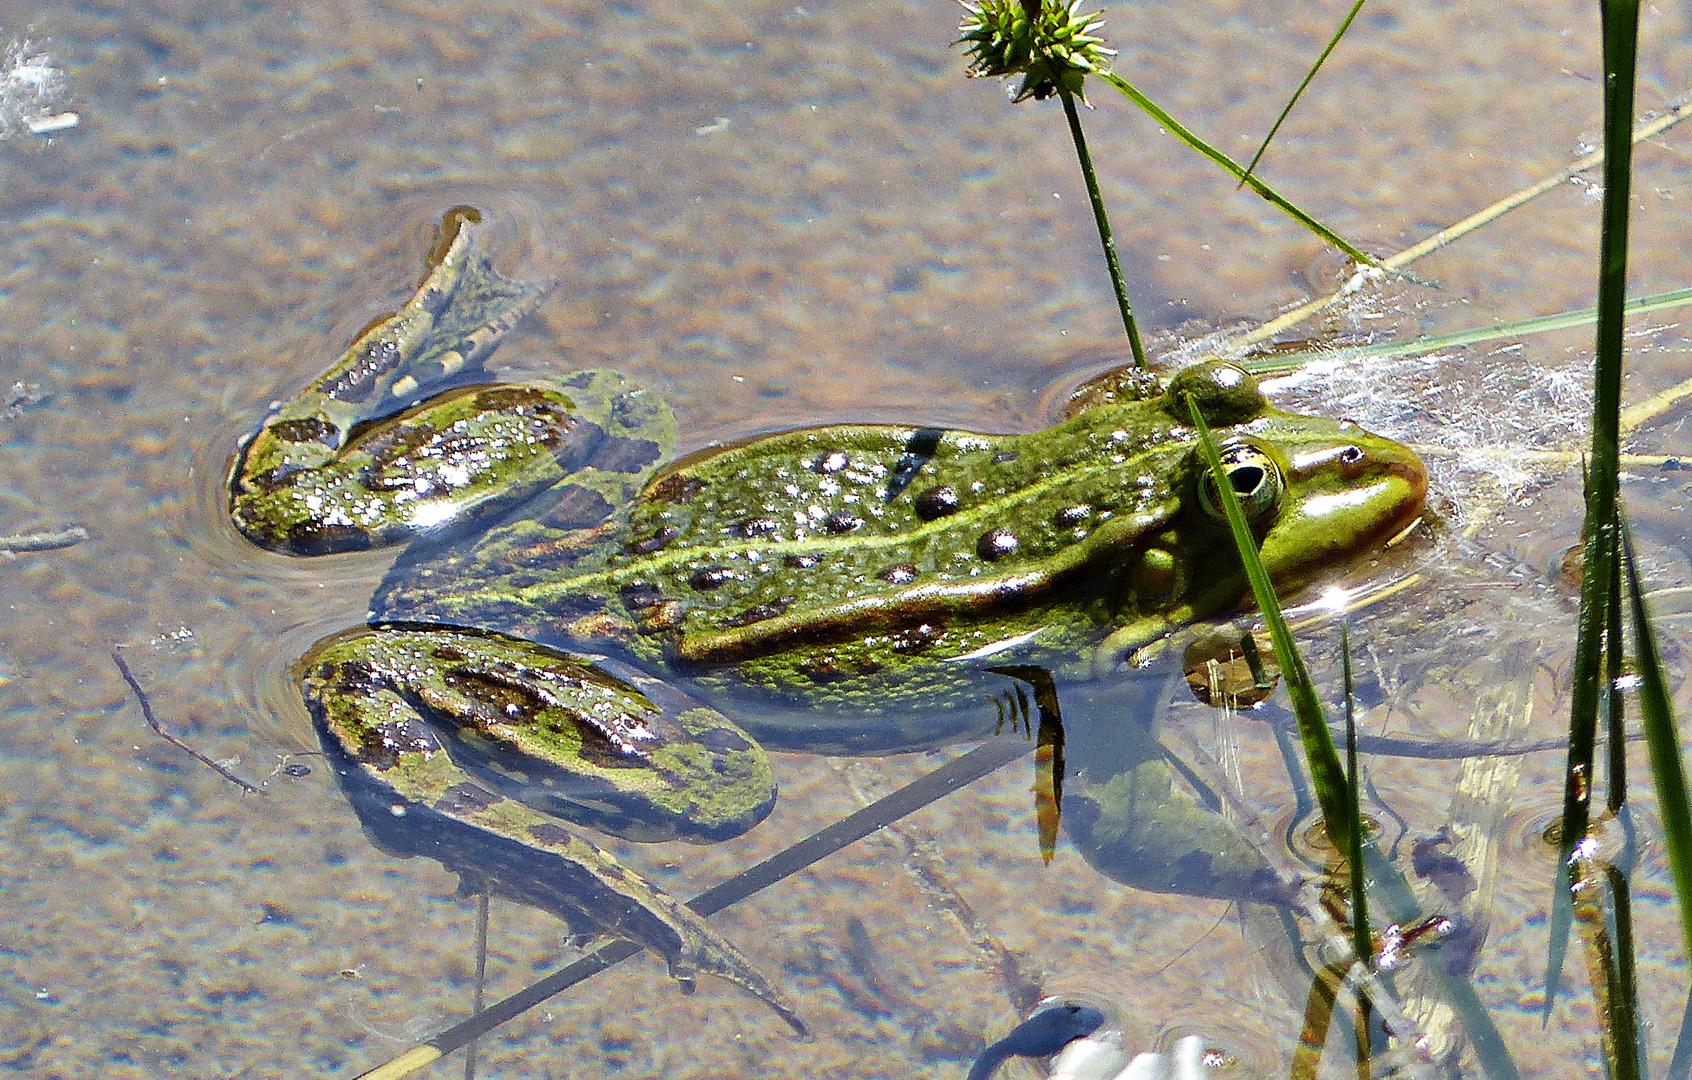 Ein Frosch im Biotop